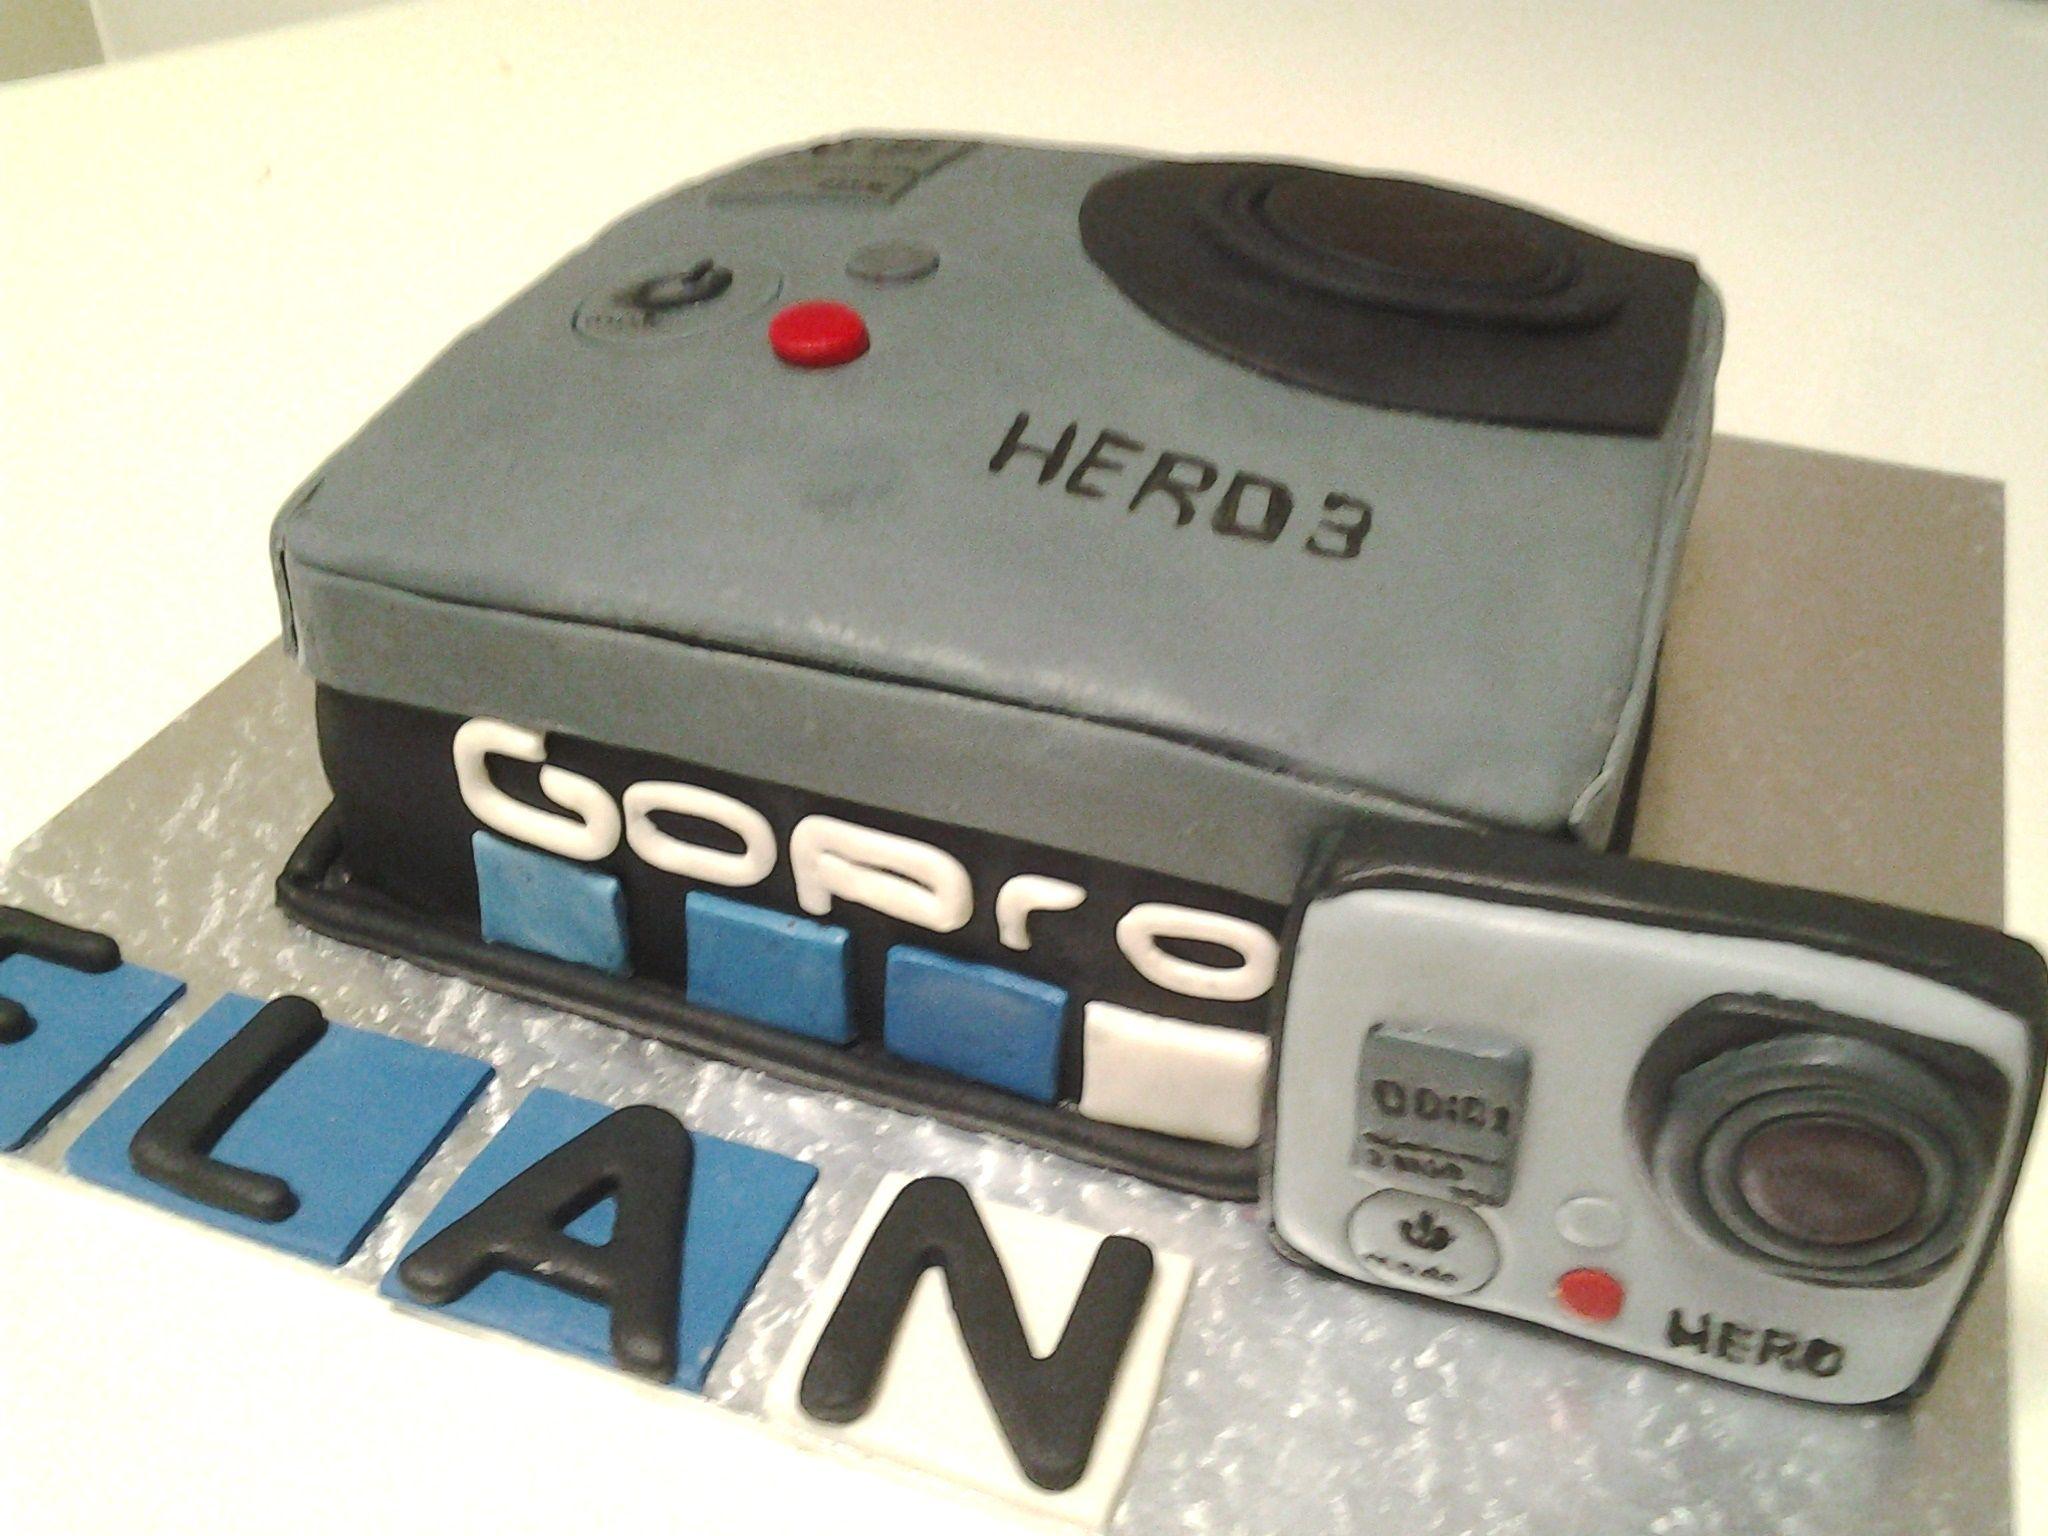 Gopro camera cake   Ma Baker   Pinterest   Camera cakes, Cake and ...